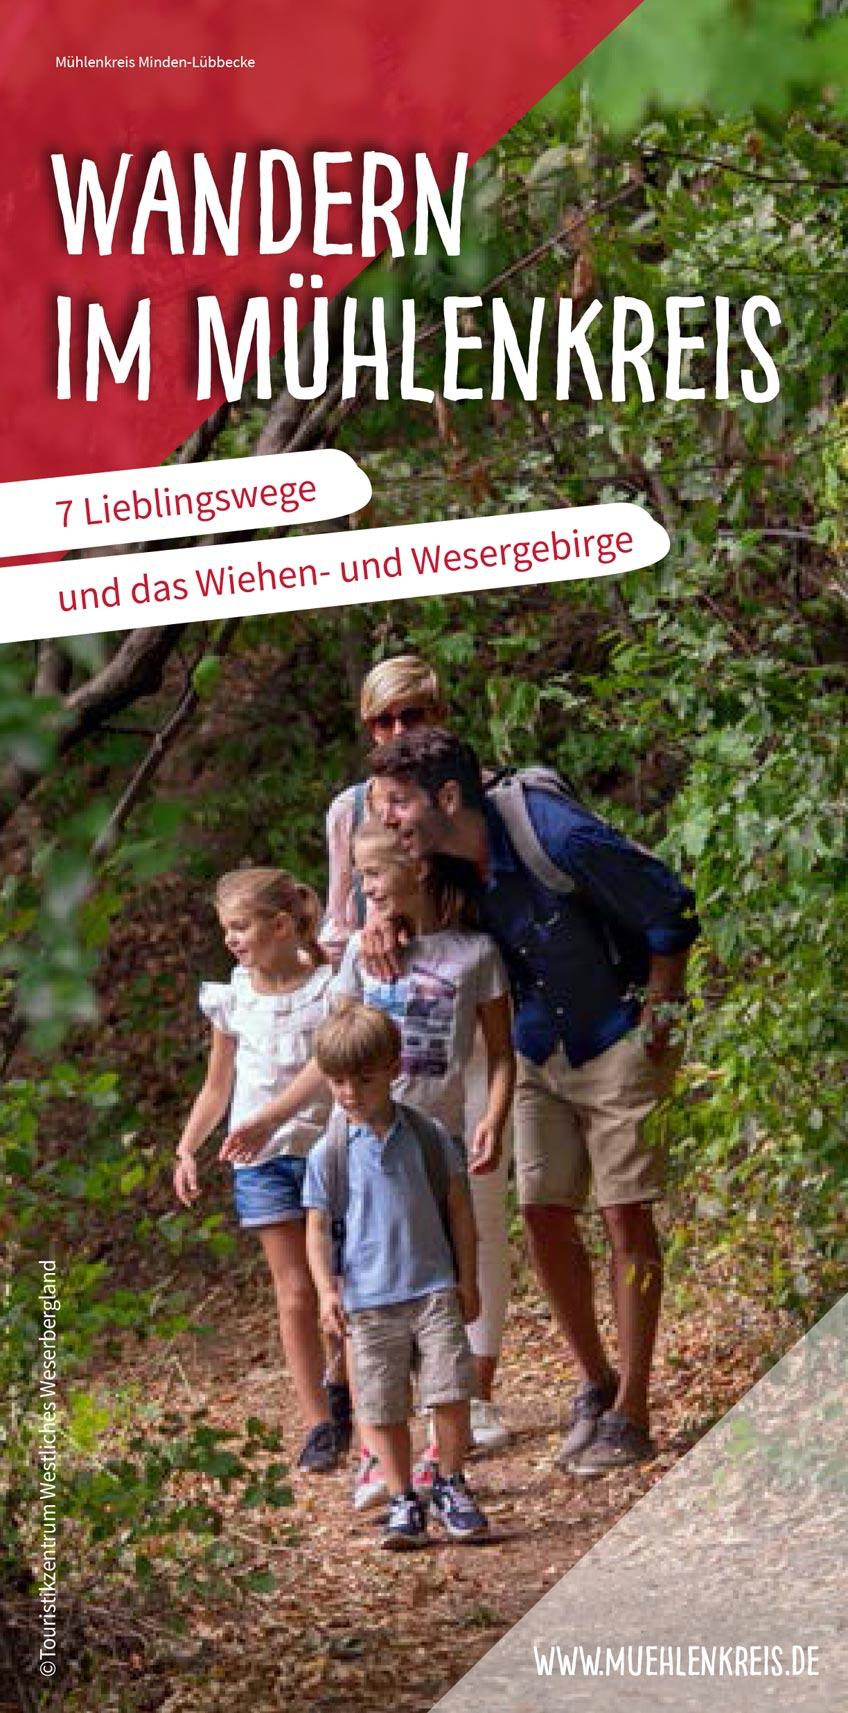 Wandern und Naturerleben liegen im Trend und werden jedes Jahr beliebter. Das Wiehen- und Wesergebirge ist als Wandergebiet durchaus bekannt, touristisch aufgewertet wird das Gebiet jetzt durch die professionelle Ausschilderung.